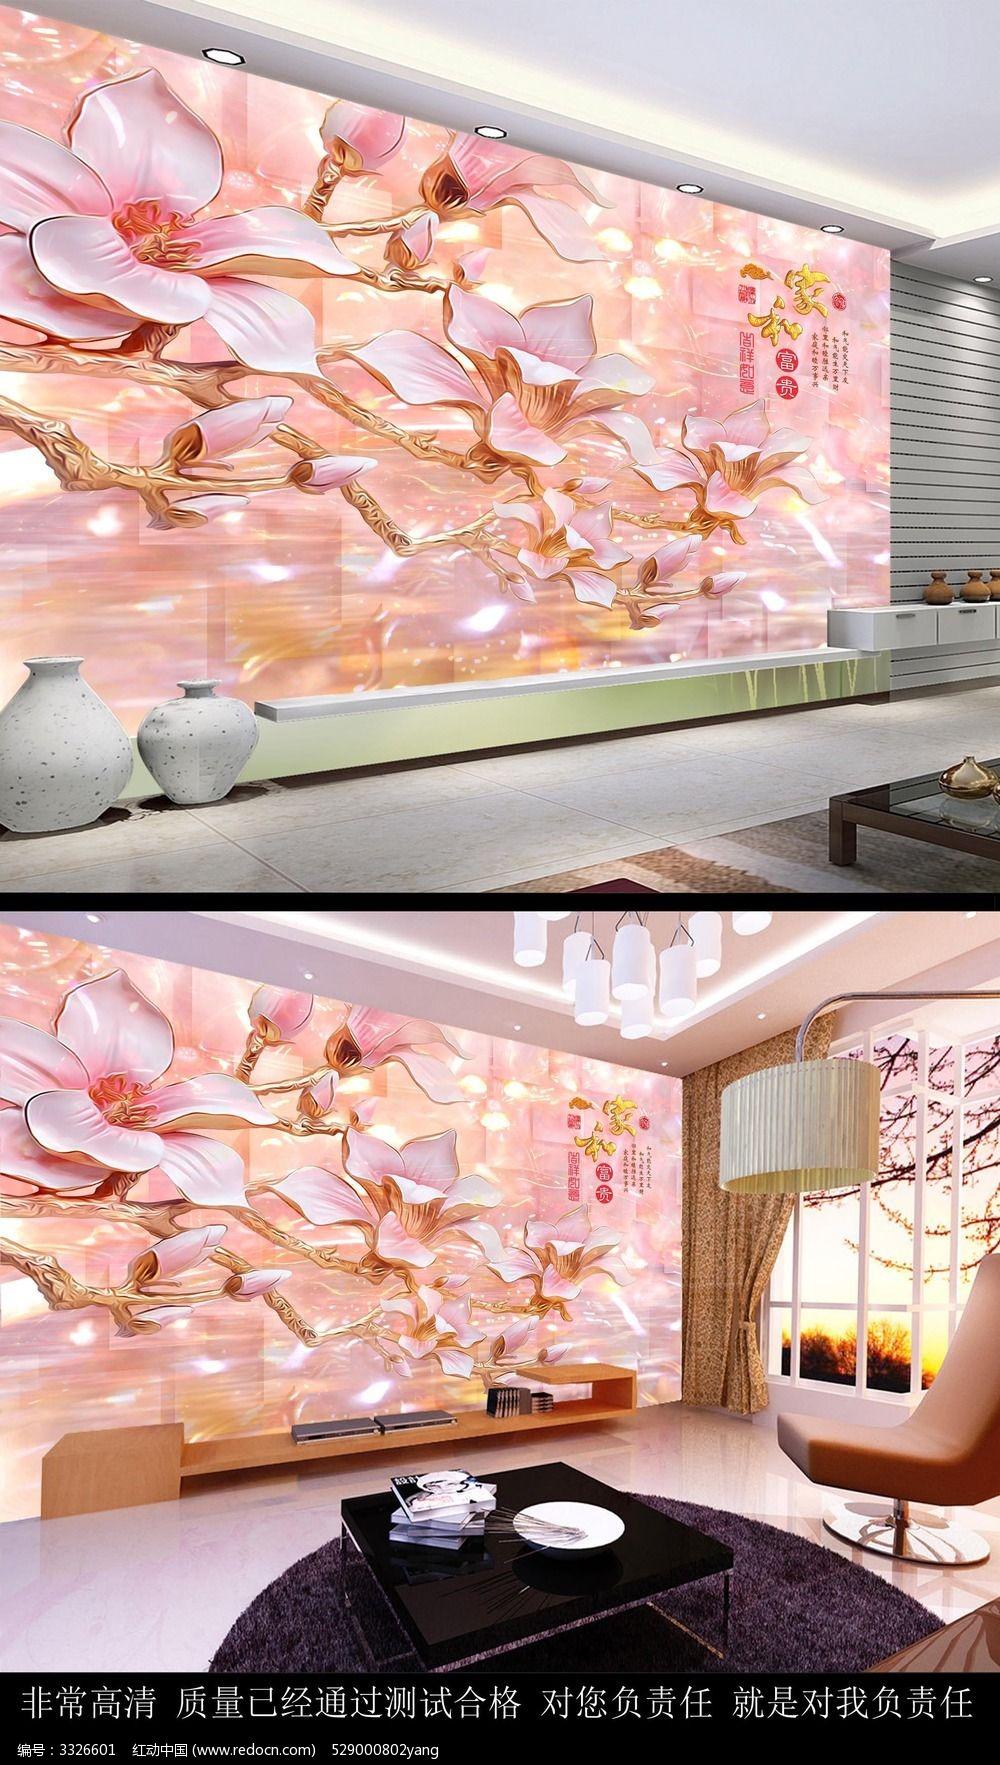 粉红之恋雅舍兰香浮雕电视背景墙图片